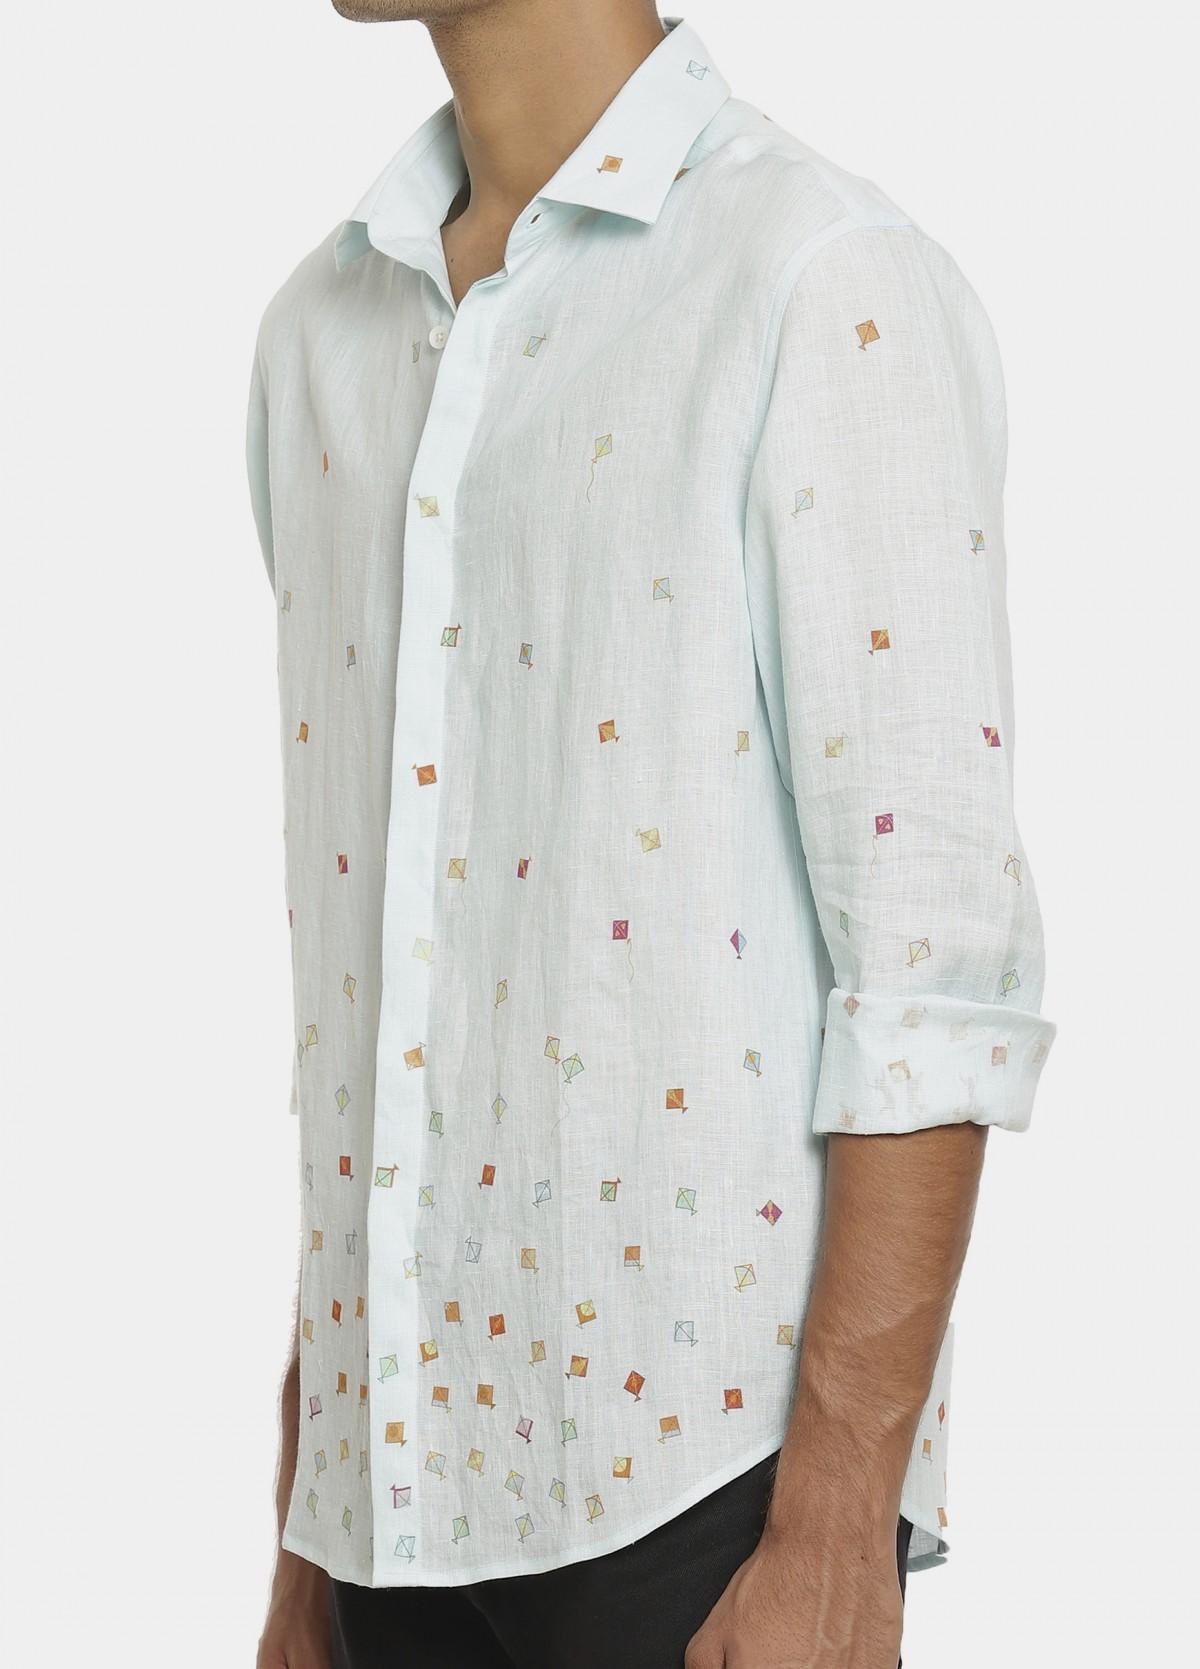 The Kite Shirt